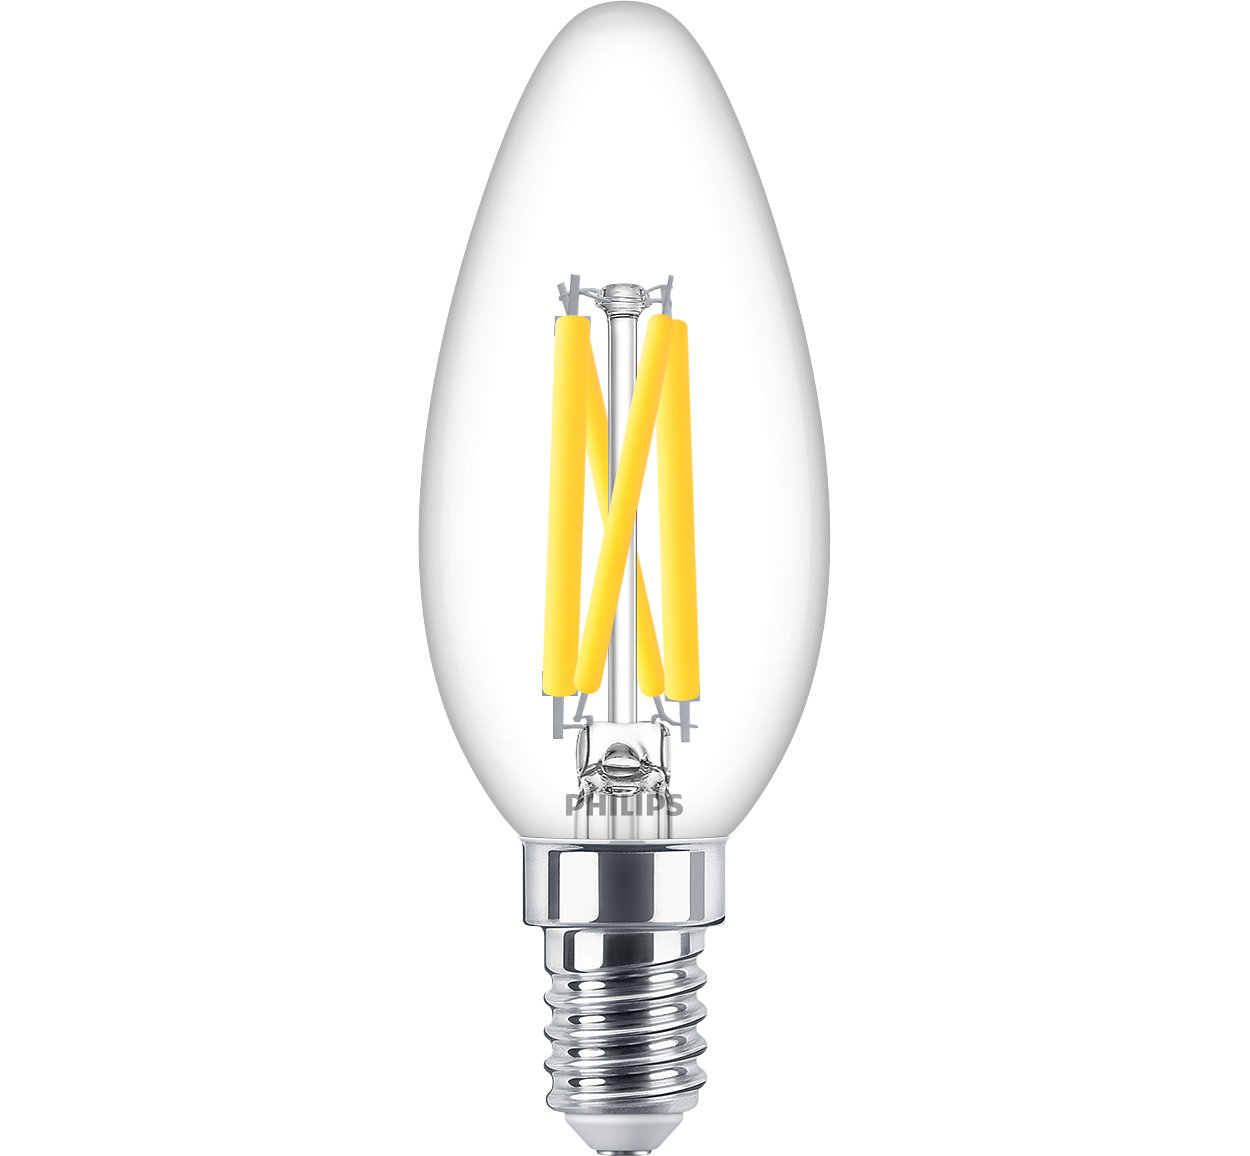 جرب ضوء LED الأبيض الدافئ القابل لتخفيض الإضاءة